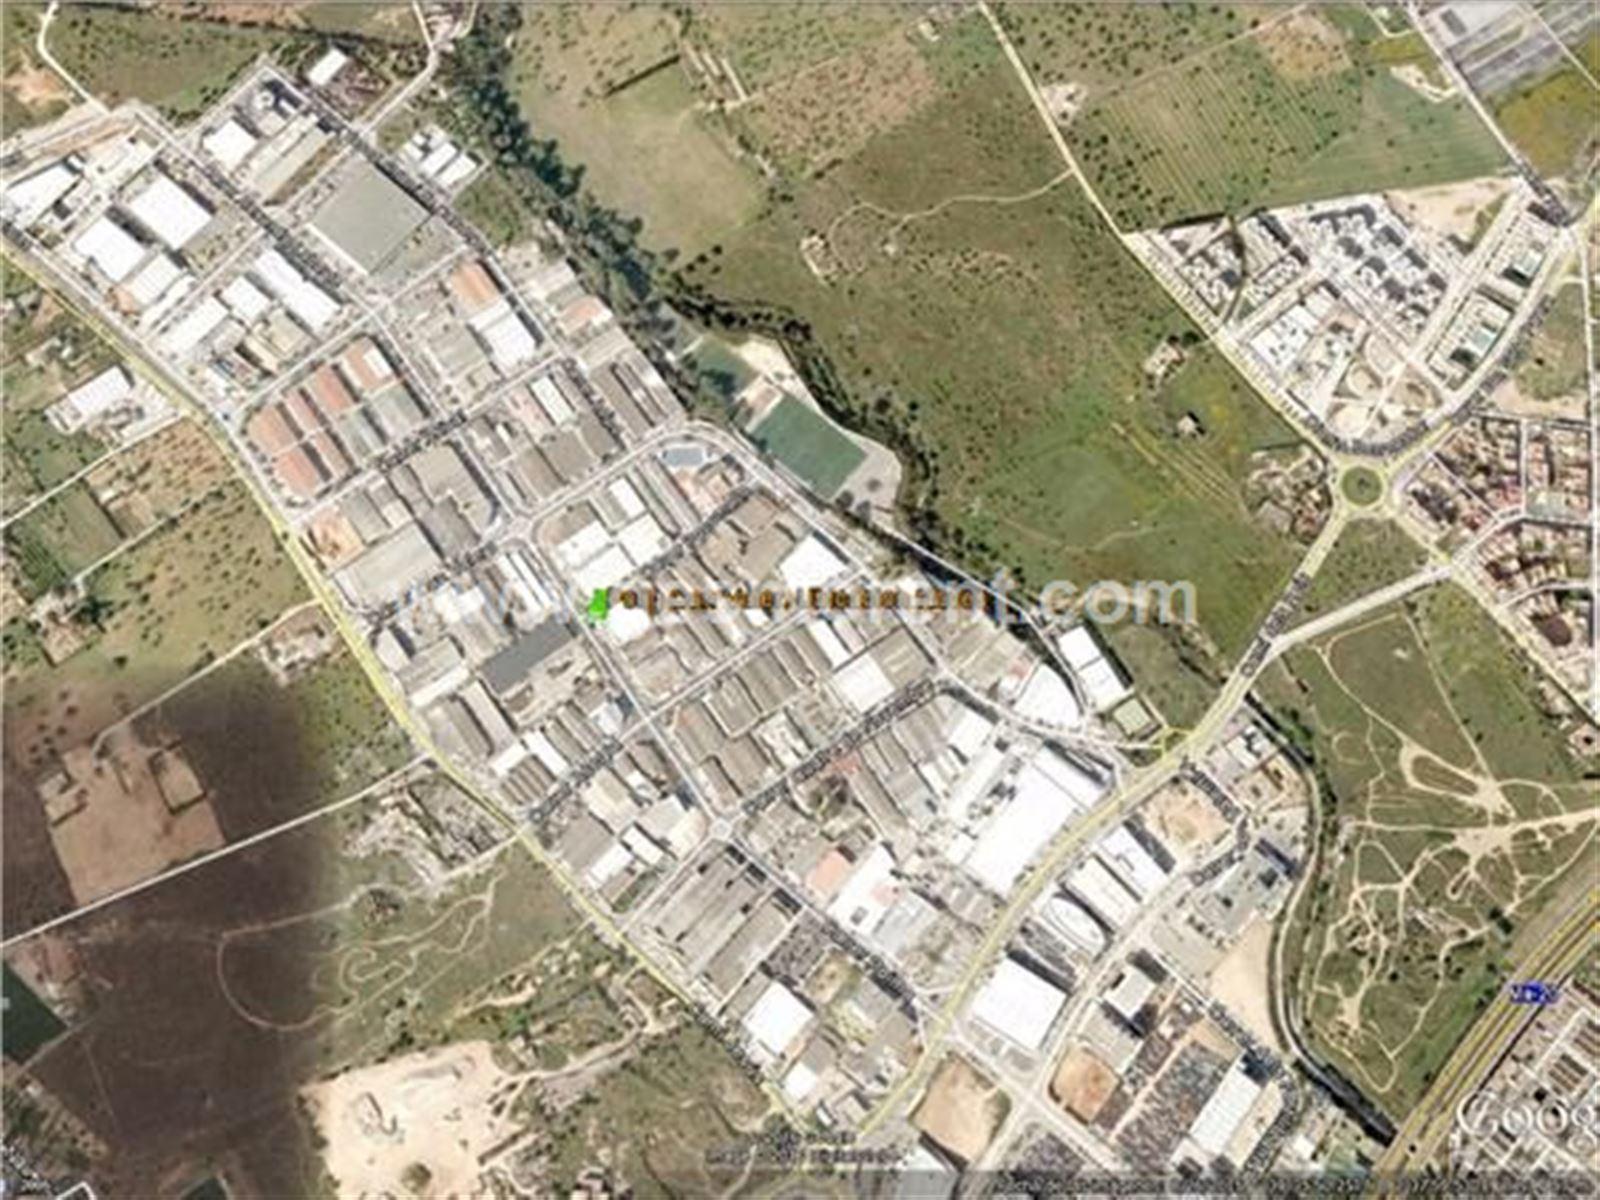 Nave industrial  Palma de mallorca - polígono can valero. Conjunto de naves industriales 1.800 m2 en polígono can valero